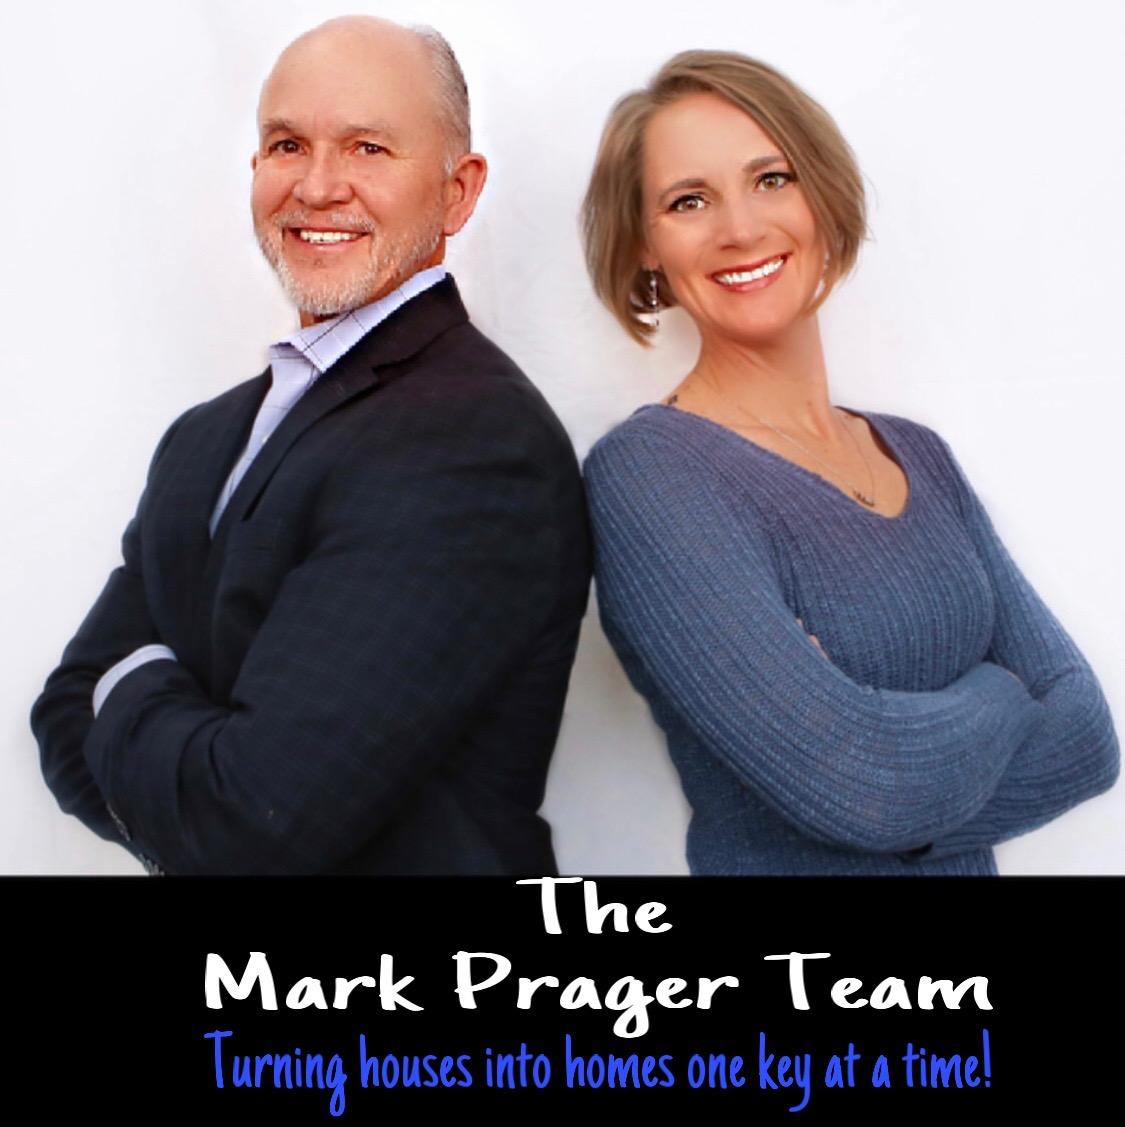 Mark Prager